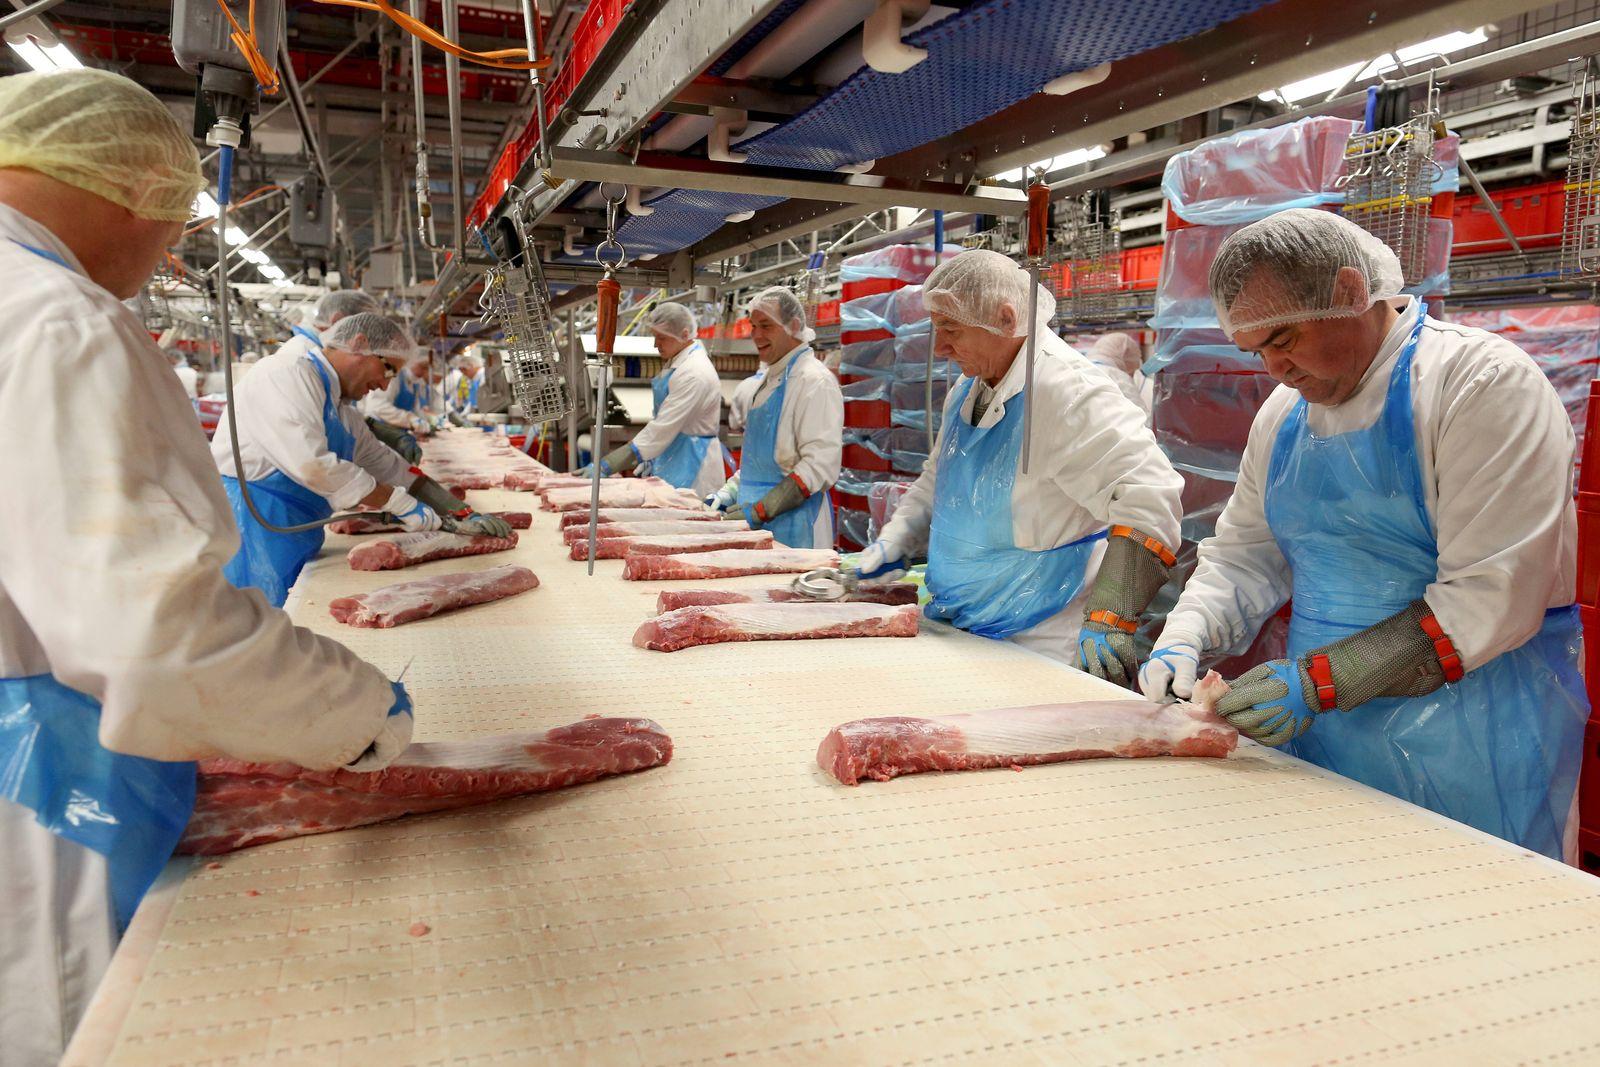 https www spiegel de wirtschaft unternehmen toennies fleisch konzern verspricht abschaffung der werkvertaege in kernbereichen a c3b2cec5 5cd7 4b46 a25e 4f5c8c84f05a